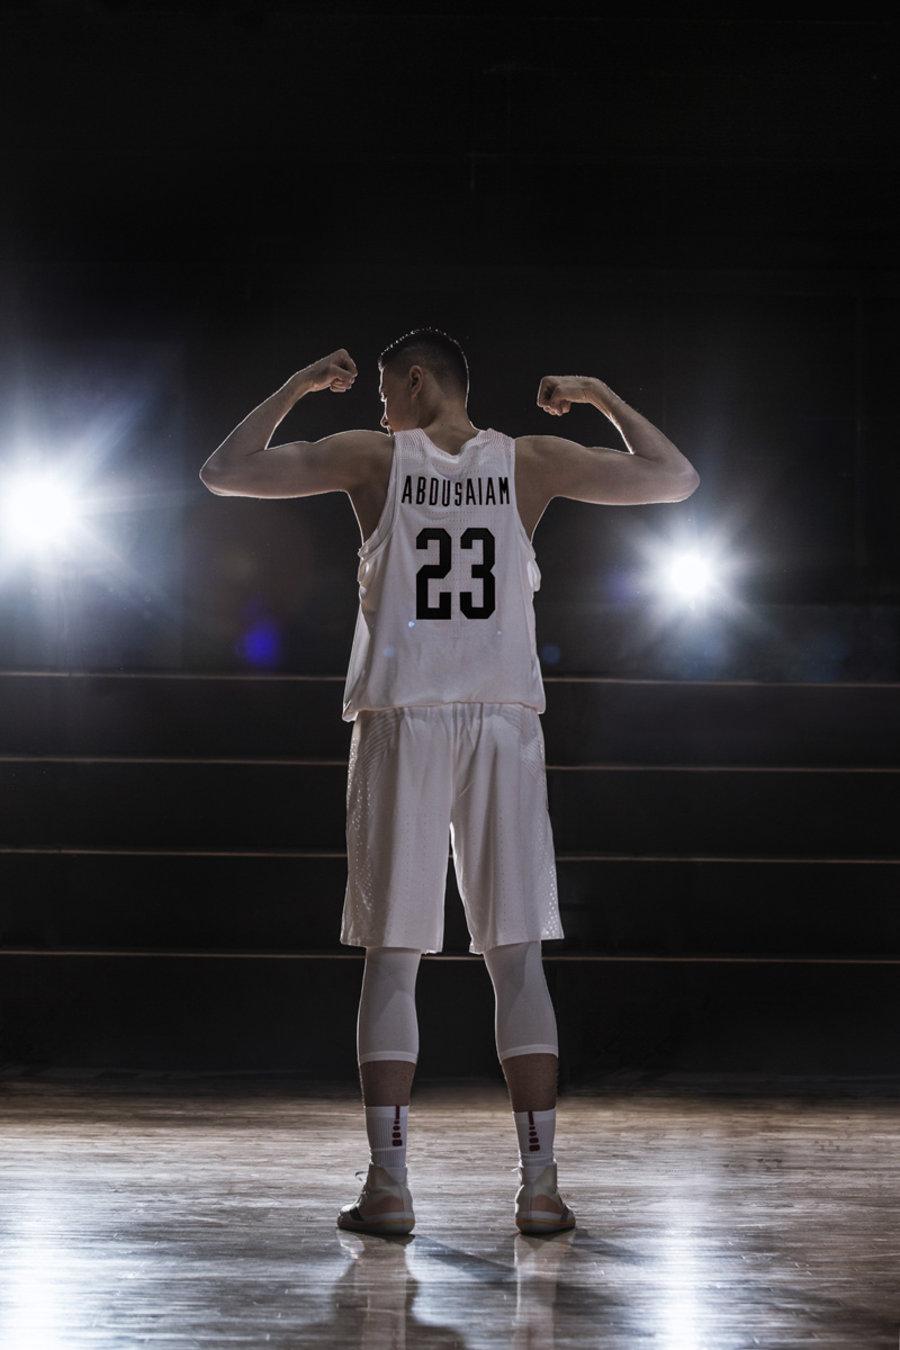 converse,发售,All Star Pro BB Co  中国男篮主力加盟 Converse!还上脚了匡威最新篮球鞋!